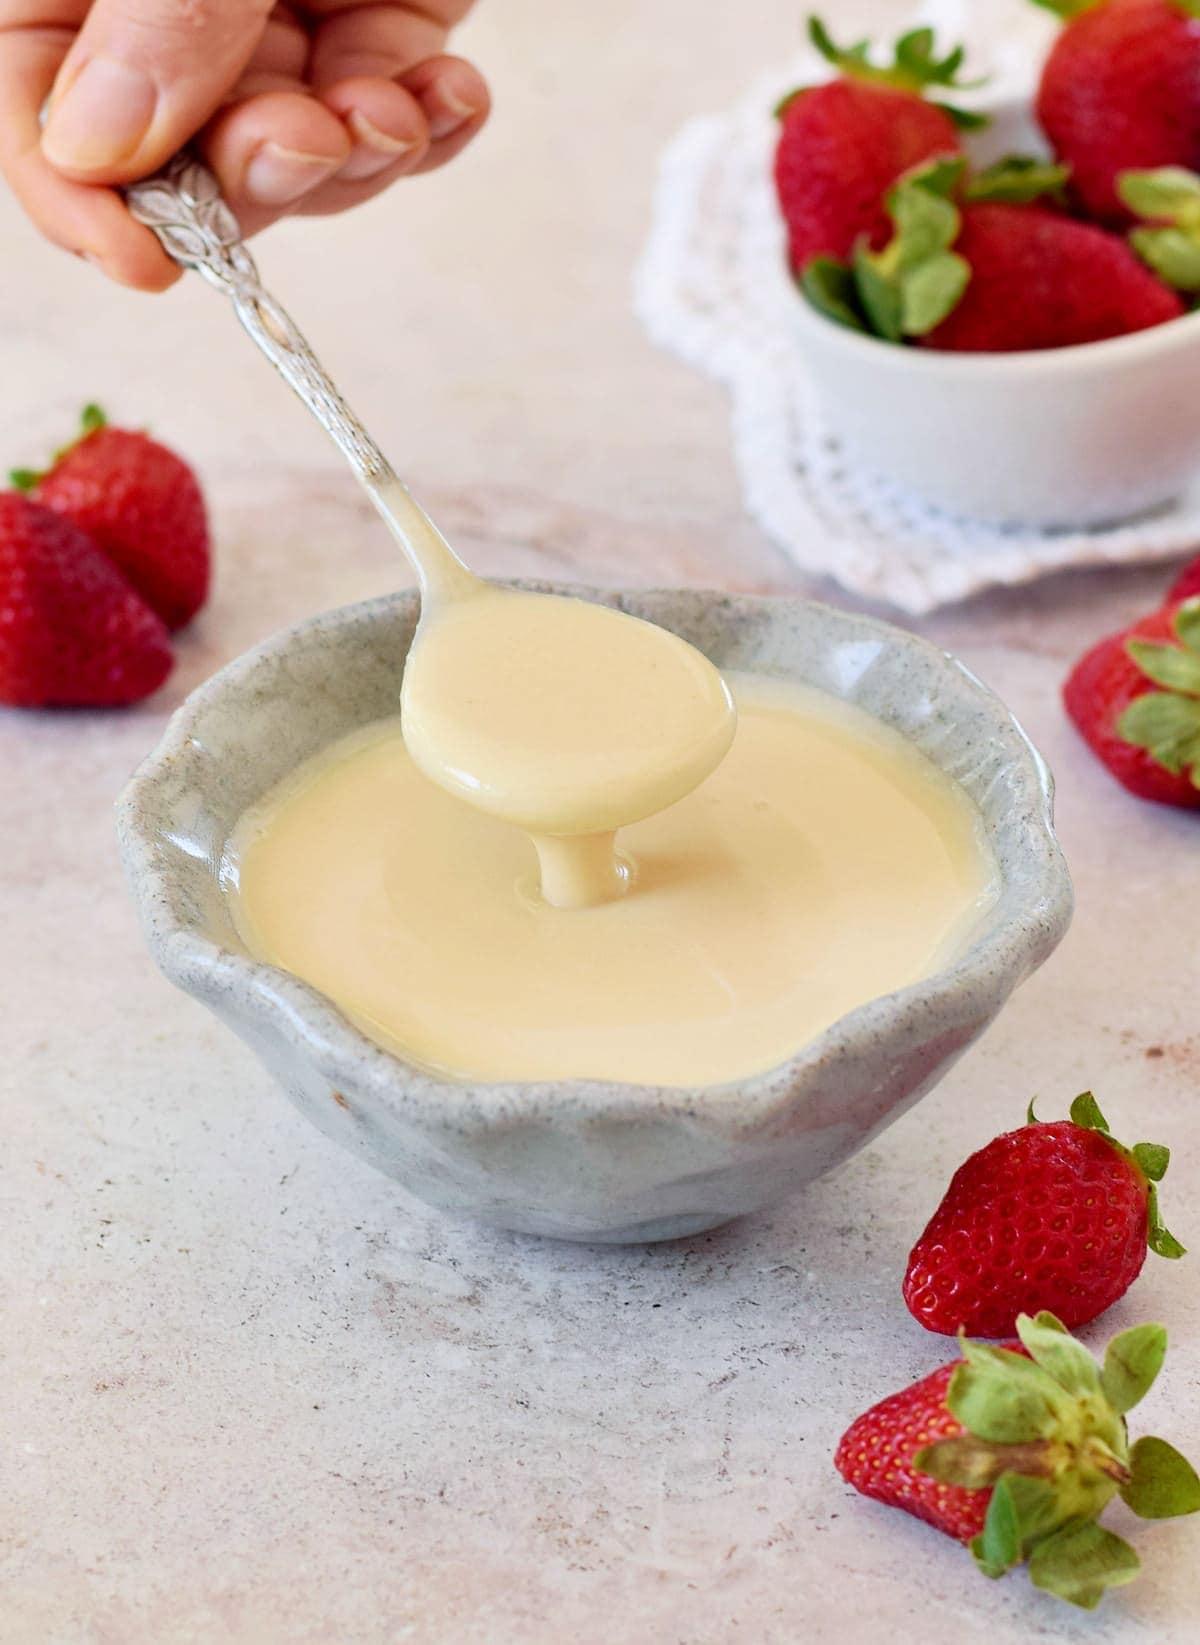 vegane Dosenmilch in Schale mit Löffel